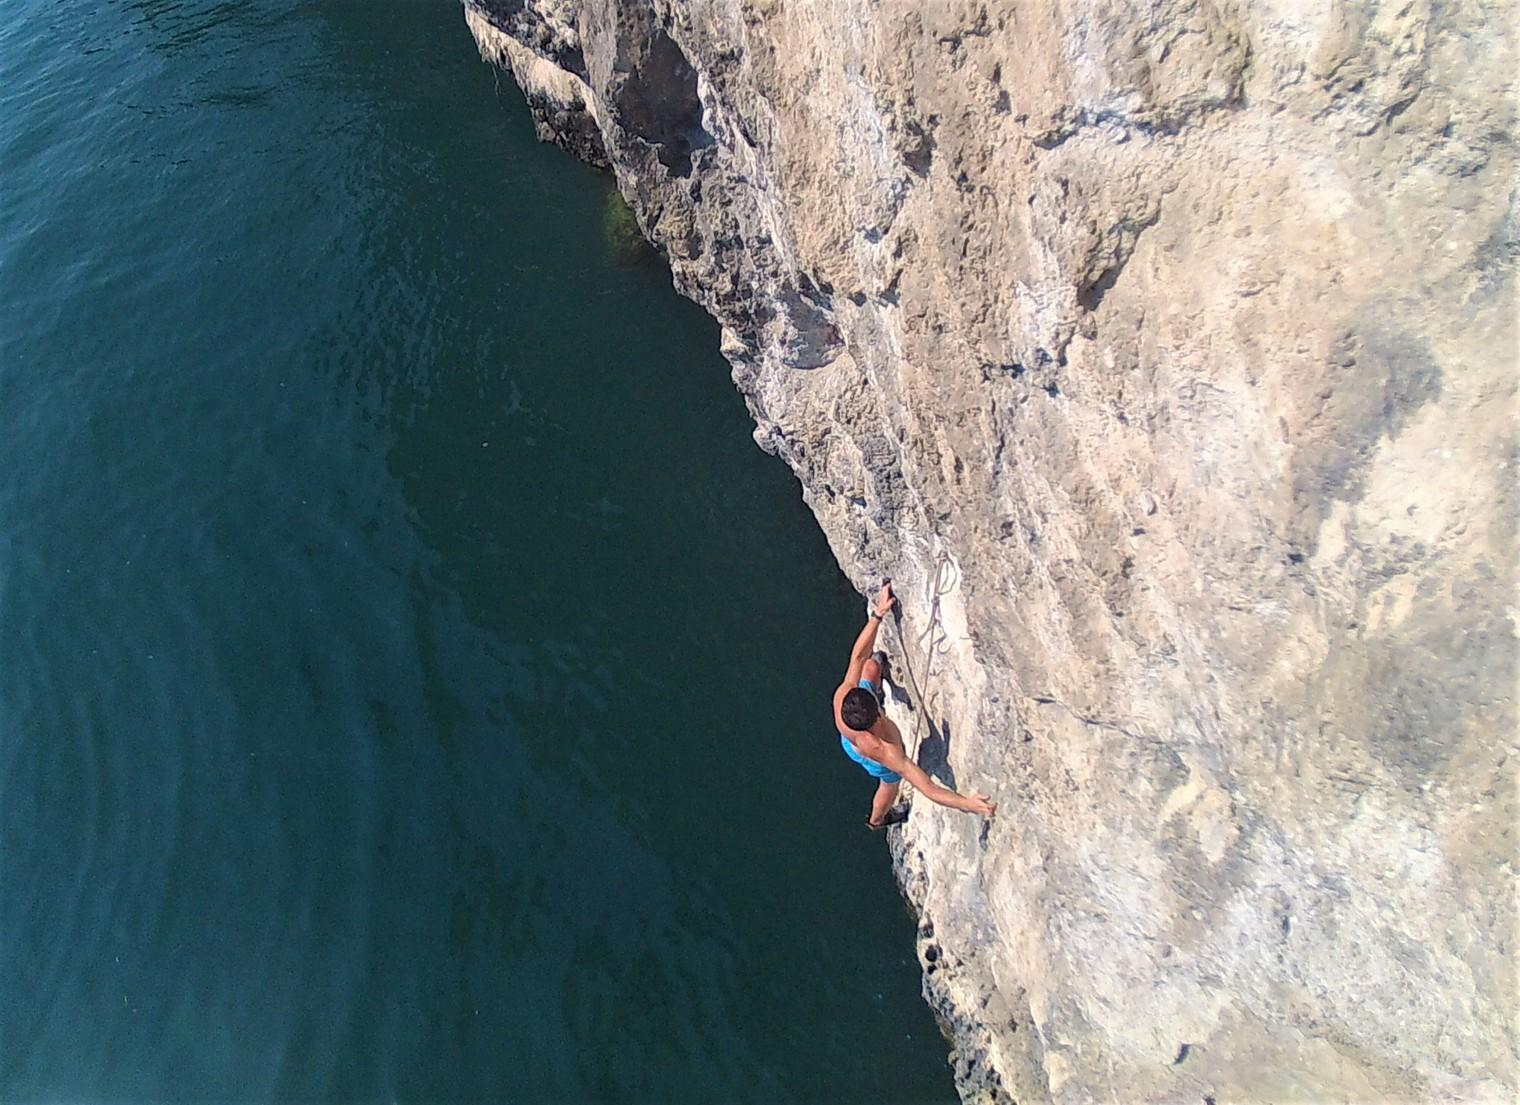 Adriano climbing the traverse of  Serenella . Photographer: Davide Ricci.